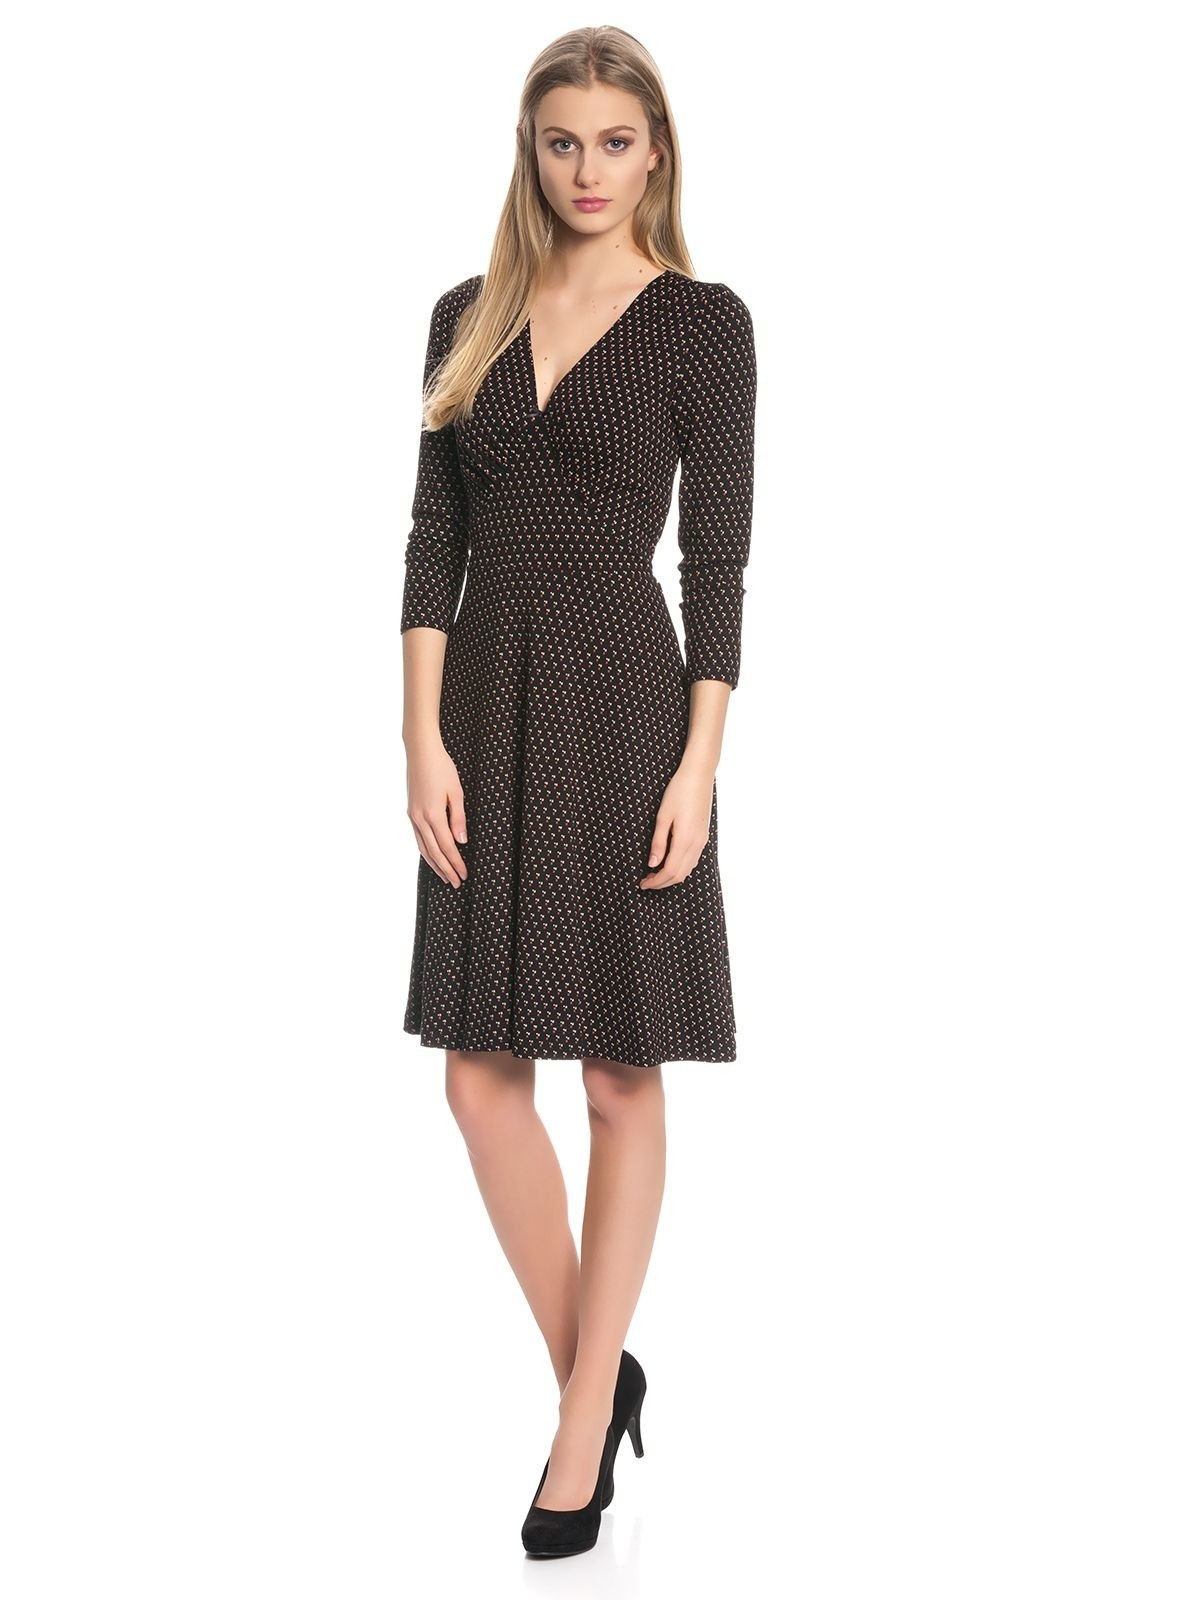 Einzigartig Damen Kleider Schwarz Design10 Großartig Damen Kleider Schwarz Spezialgebiet